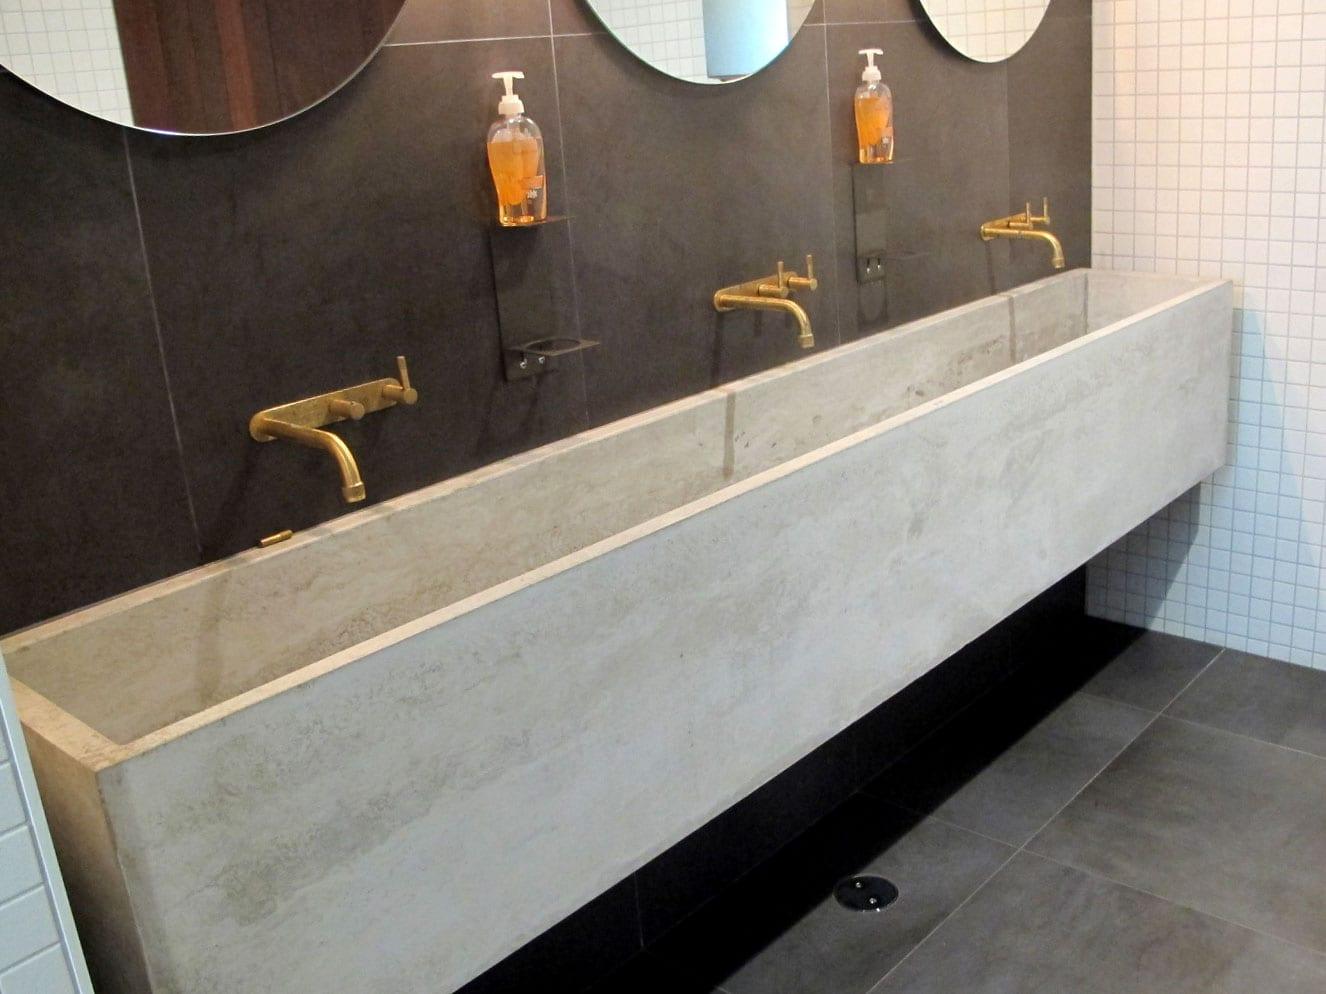 Concrete Trough Sink at Vasse Felix - whole view - by Concrete Studio